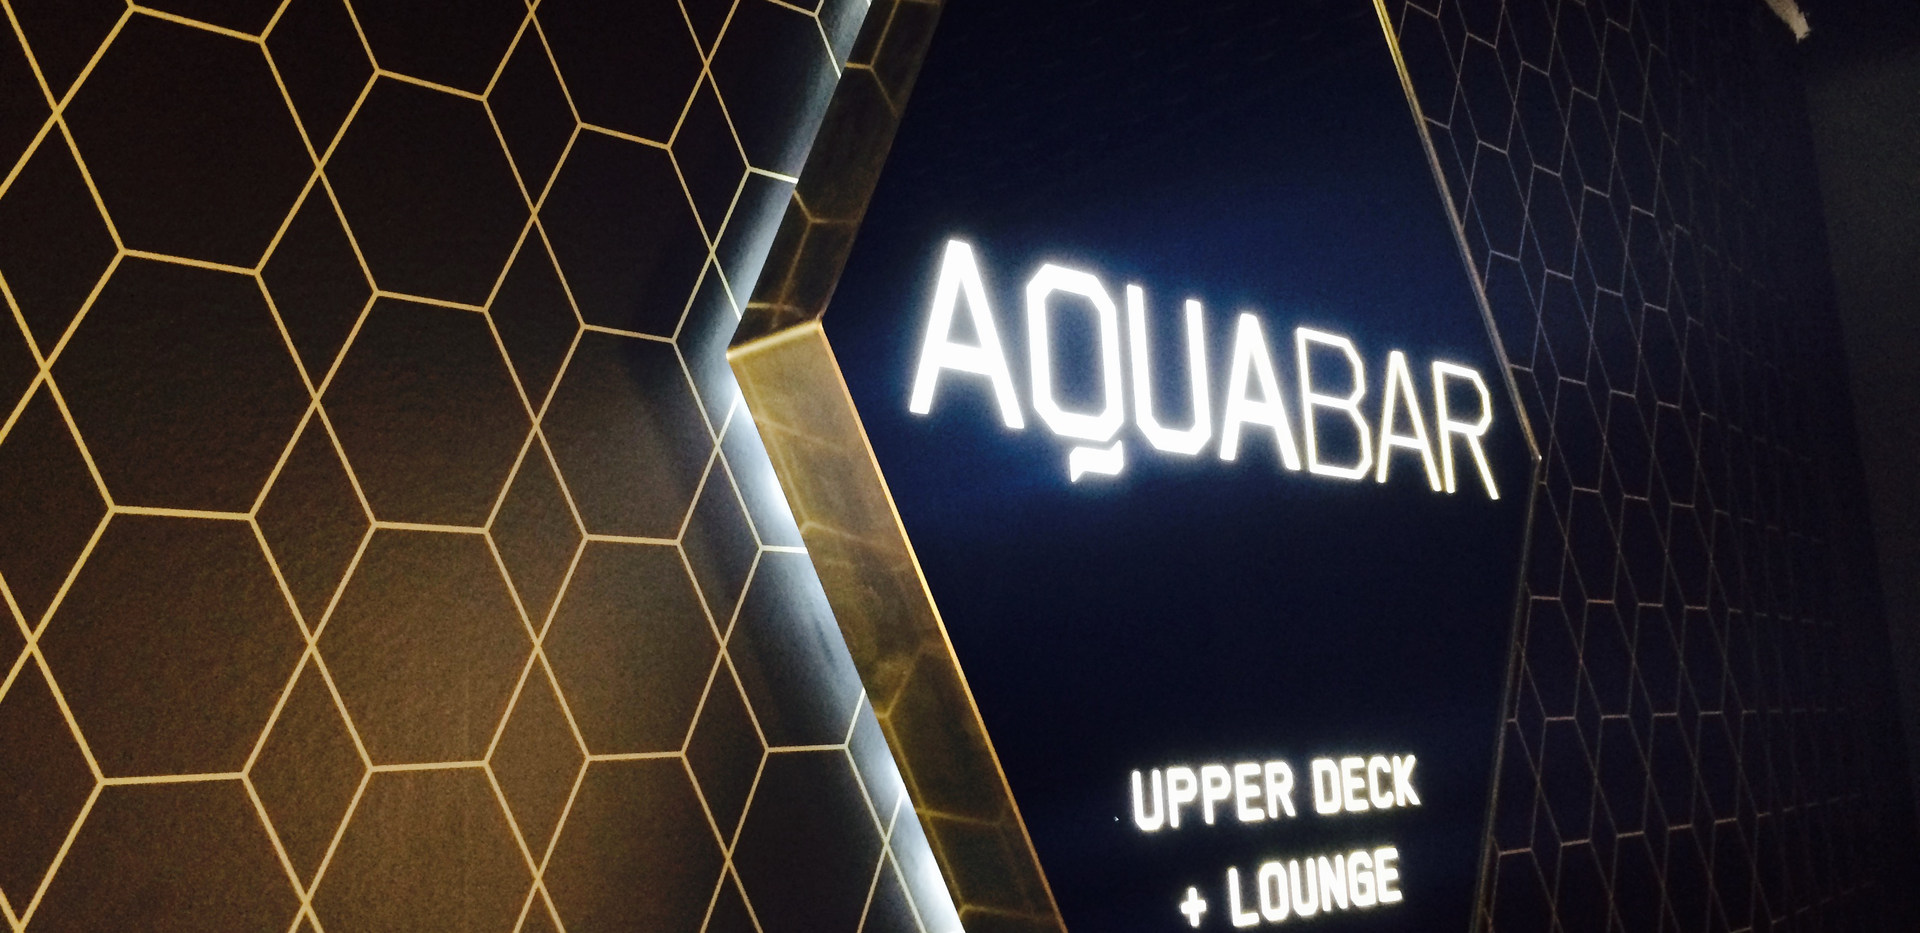 aqua-bar-372.jpg